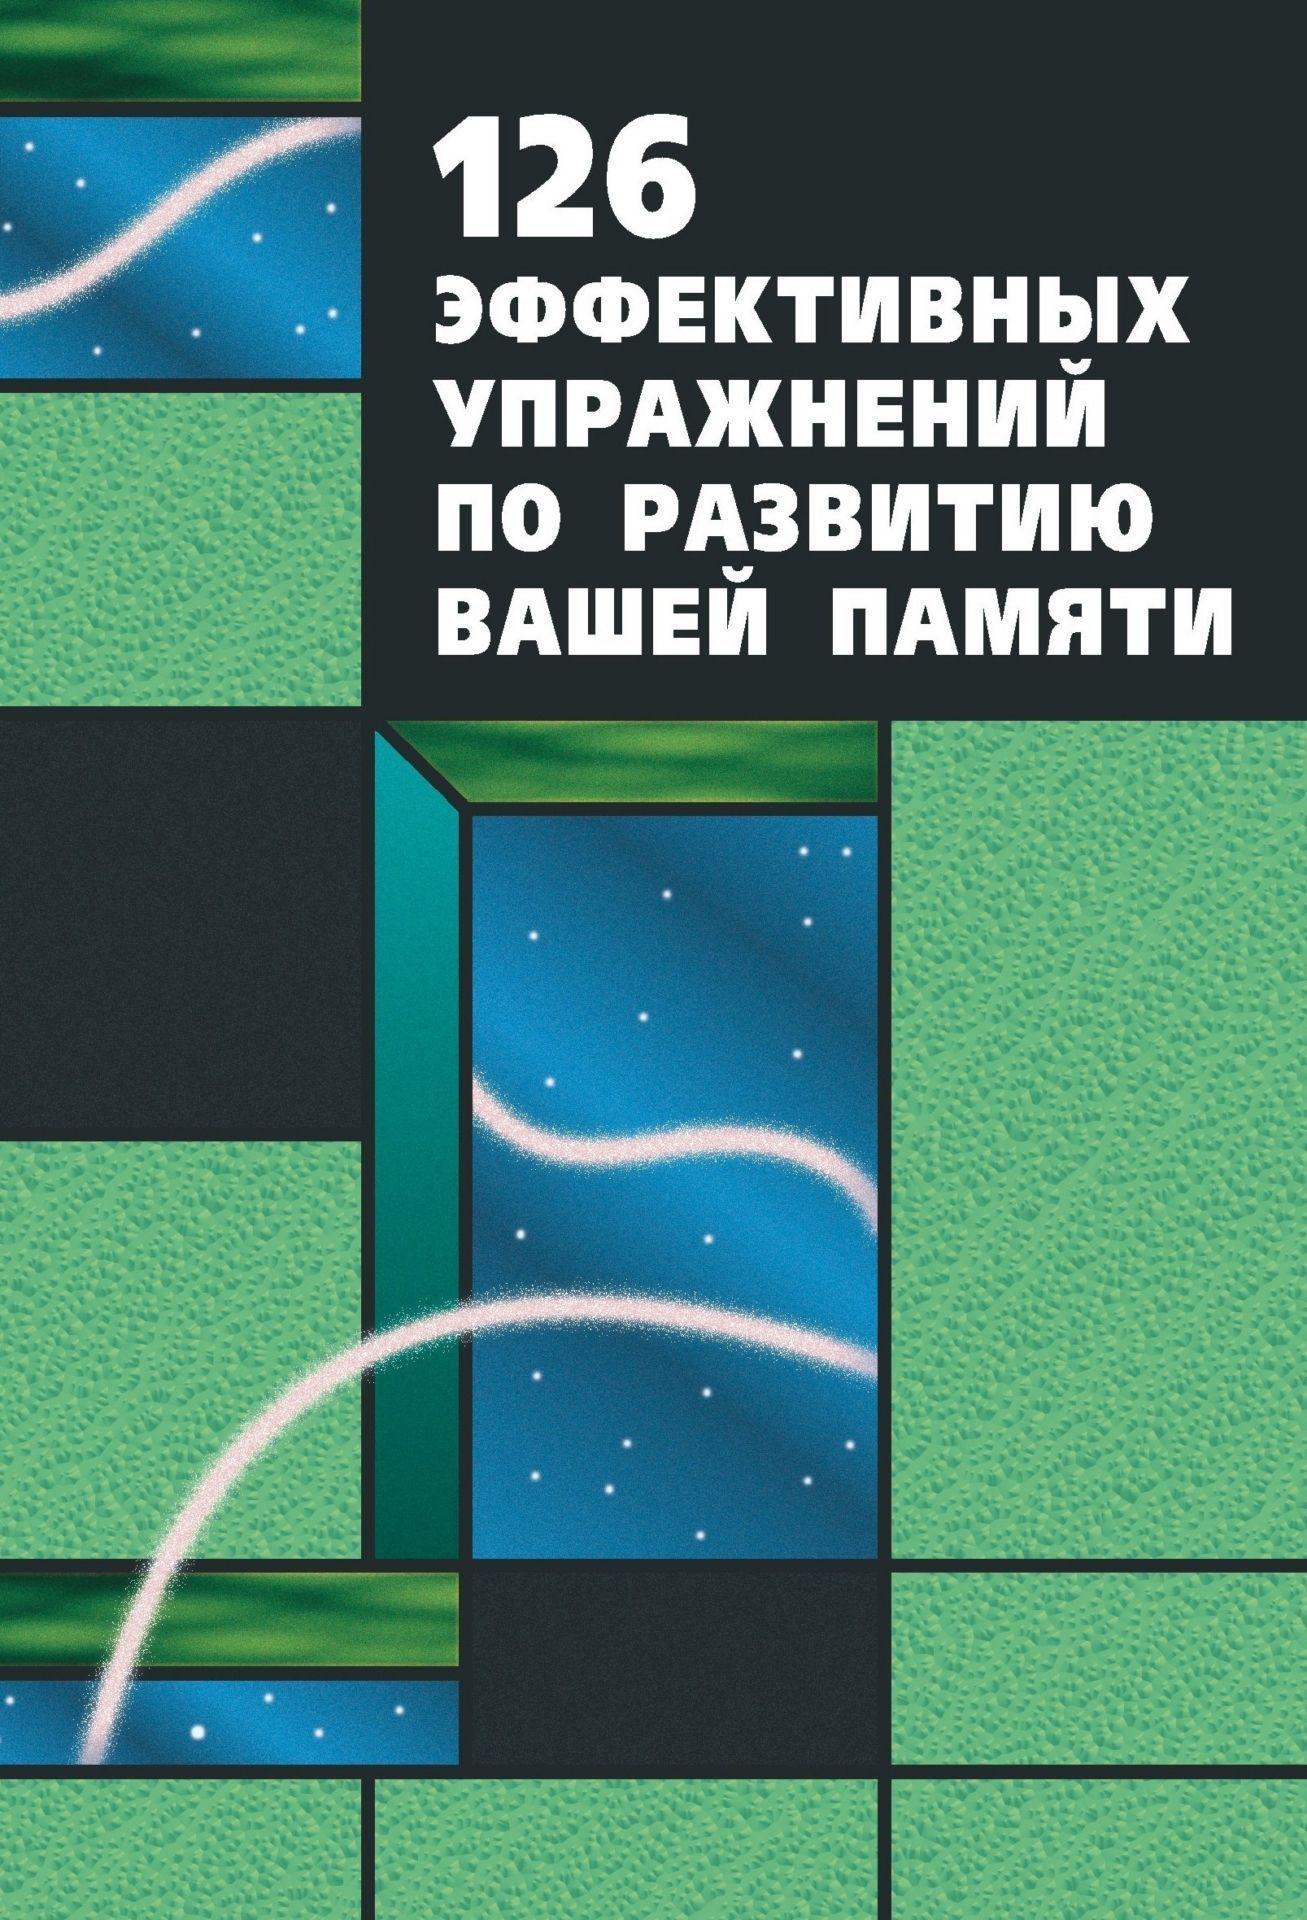 126 эффективных упражнений по развитию вашей памятиУчащимся и абитуриентам<br>В этой книге вы познакомитесь с интересными и увлекательными упражнениями по развитию памяти.Книга для детей, родителей, учителей, школьных психологов.<br><br>Год: 2006<br>Серия: Школа развития памяти и воображения<br>ISBN: 5-7057-0797-5<br>Высота: 195<br>Ширина: 140<br>Толщина: 8